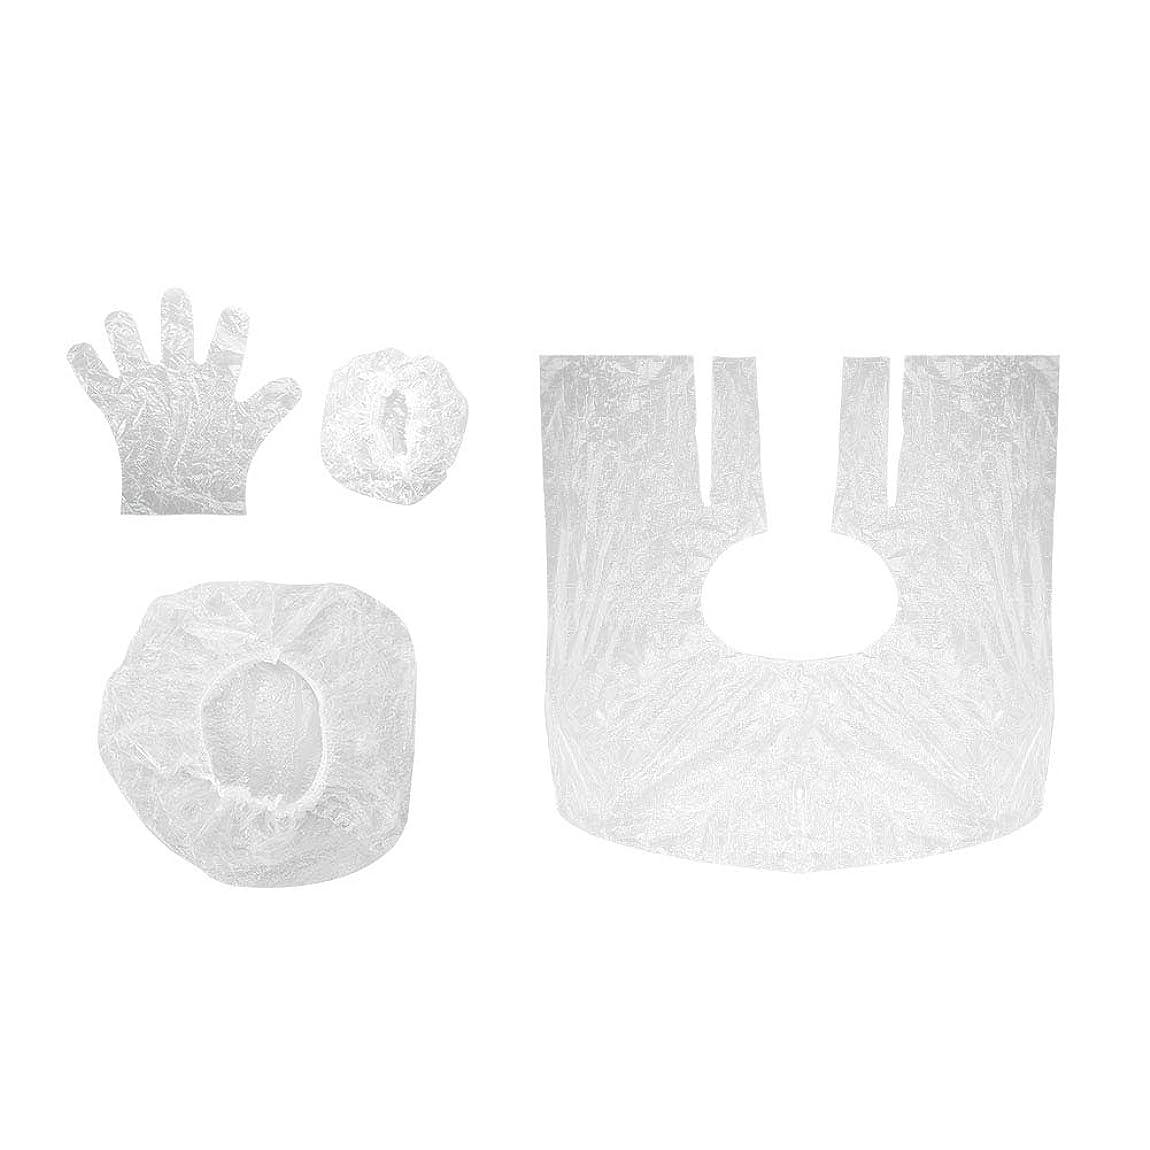 変動する塩オート毛染めツール 使い捨て ショールイヤーマフ手袋シャワーキャップ10セットサロン シャワーキャップ耳カバー手袋 美容用品